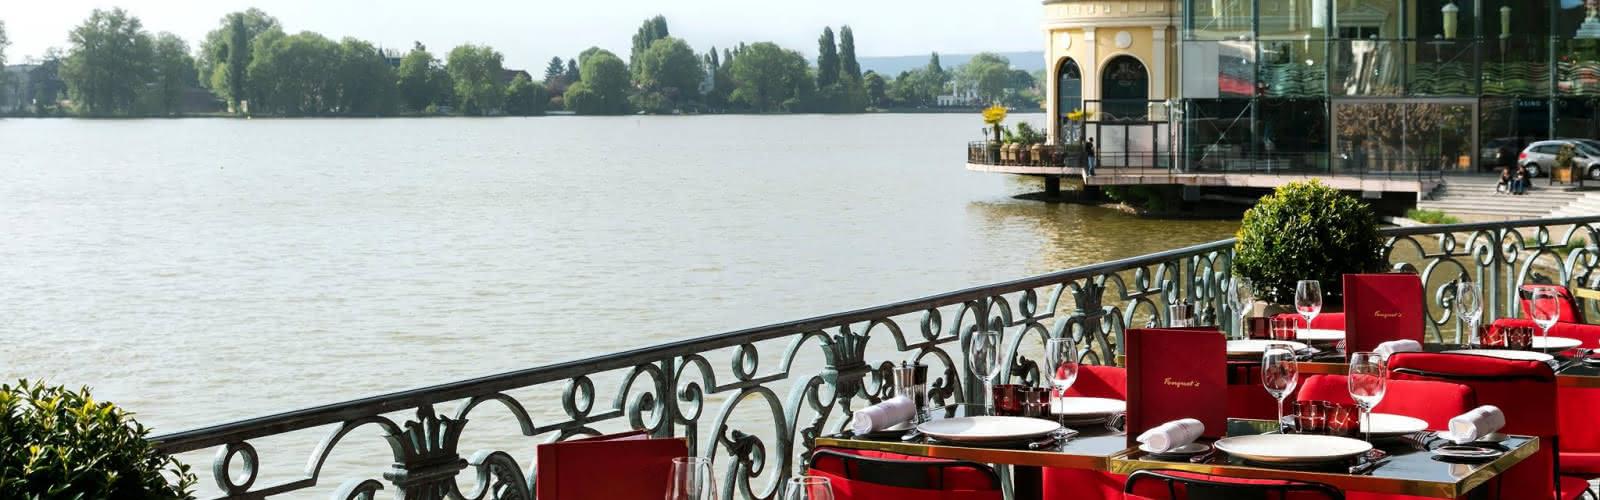 Terrasse du Fouquet's d'Enghien-les-Bains